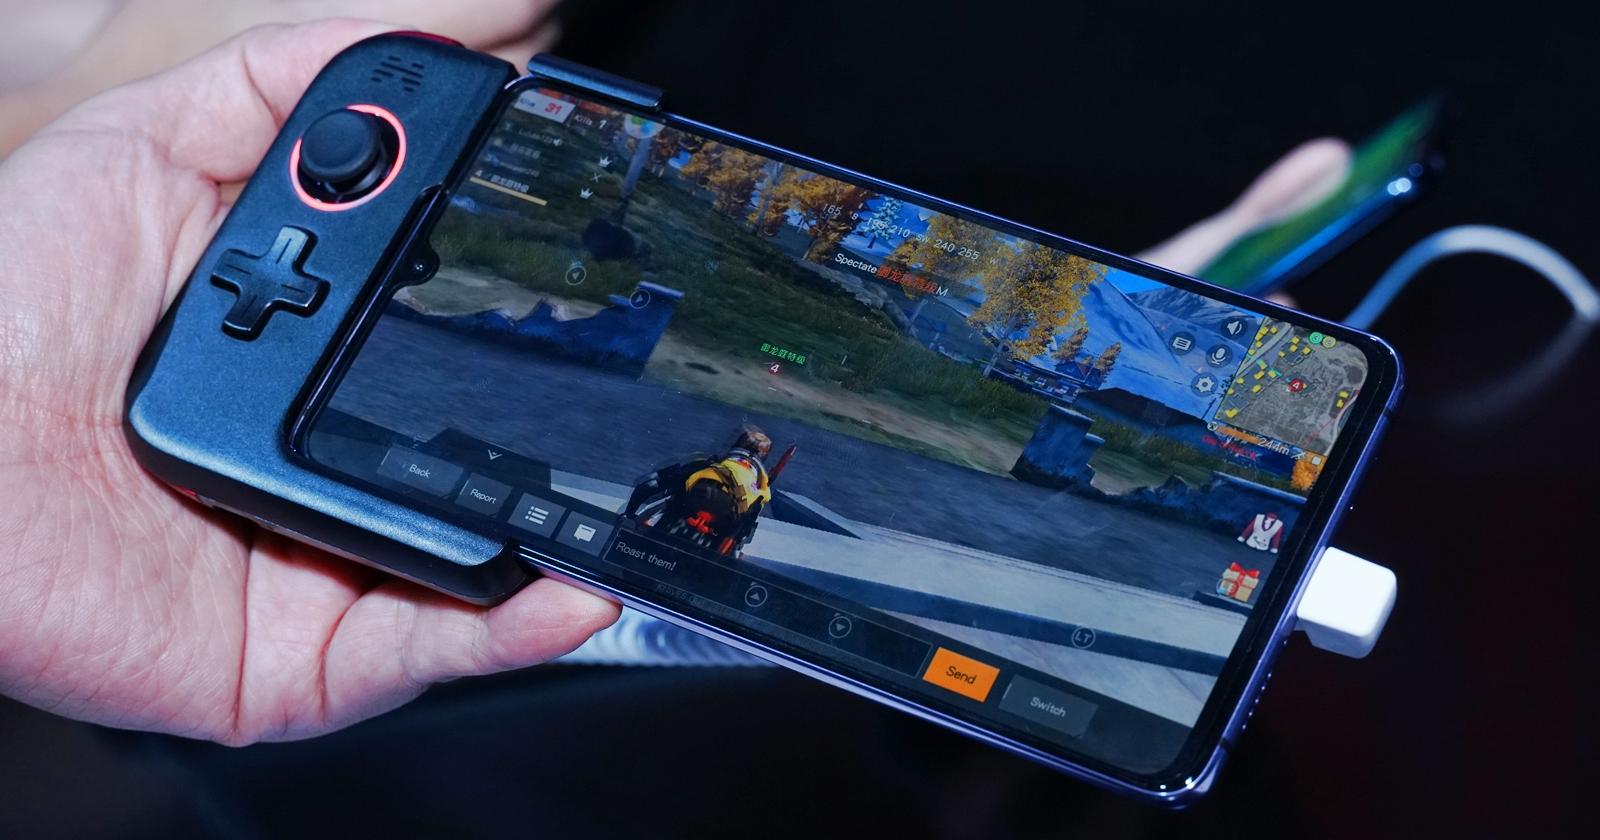 超大尺寸的 HUAWEI Mate20 X 要來囉!7.2 吋大螢幕、5000mAh 大電量、石墨烯散熱技術